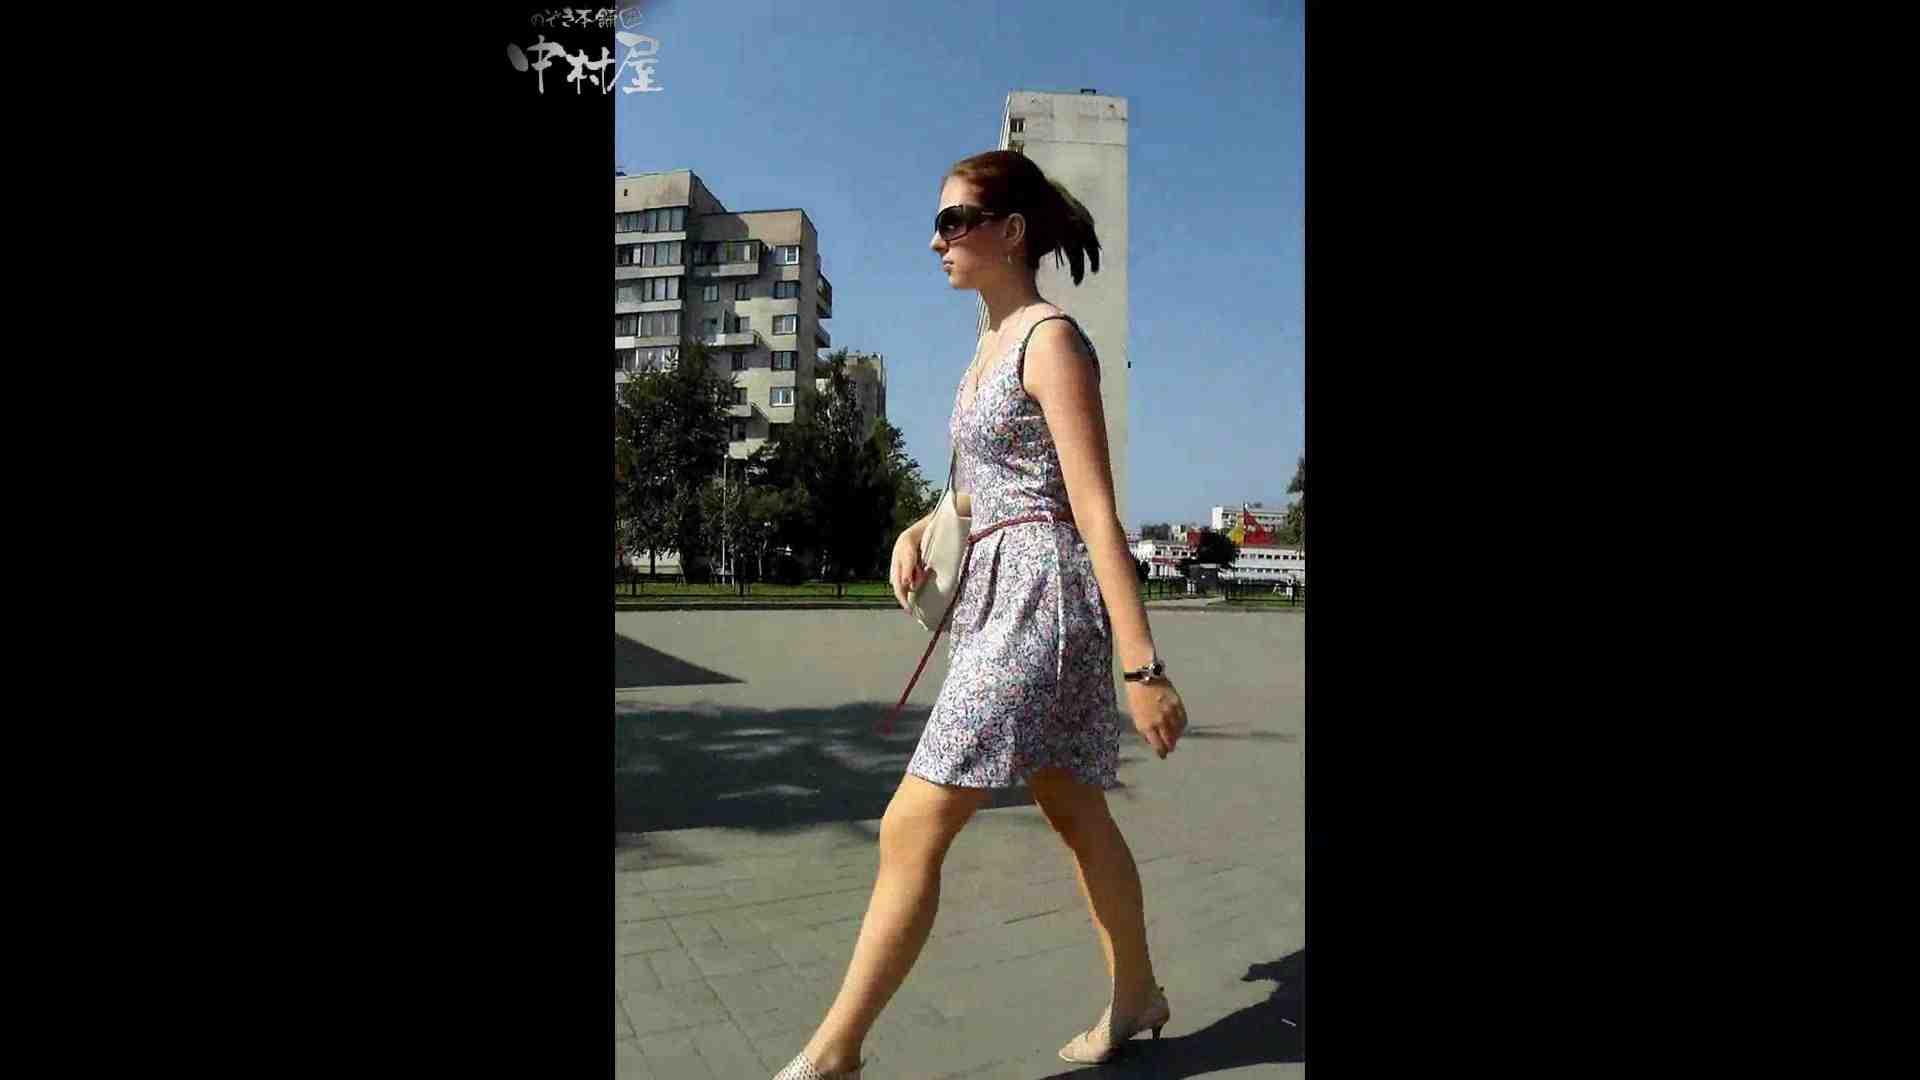 綺麗なモデルさんのスカート捲っちゃおう‼ vol25 お姉さんのエロ動画  94PIX 2